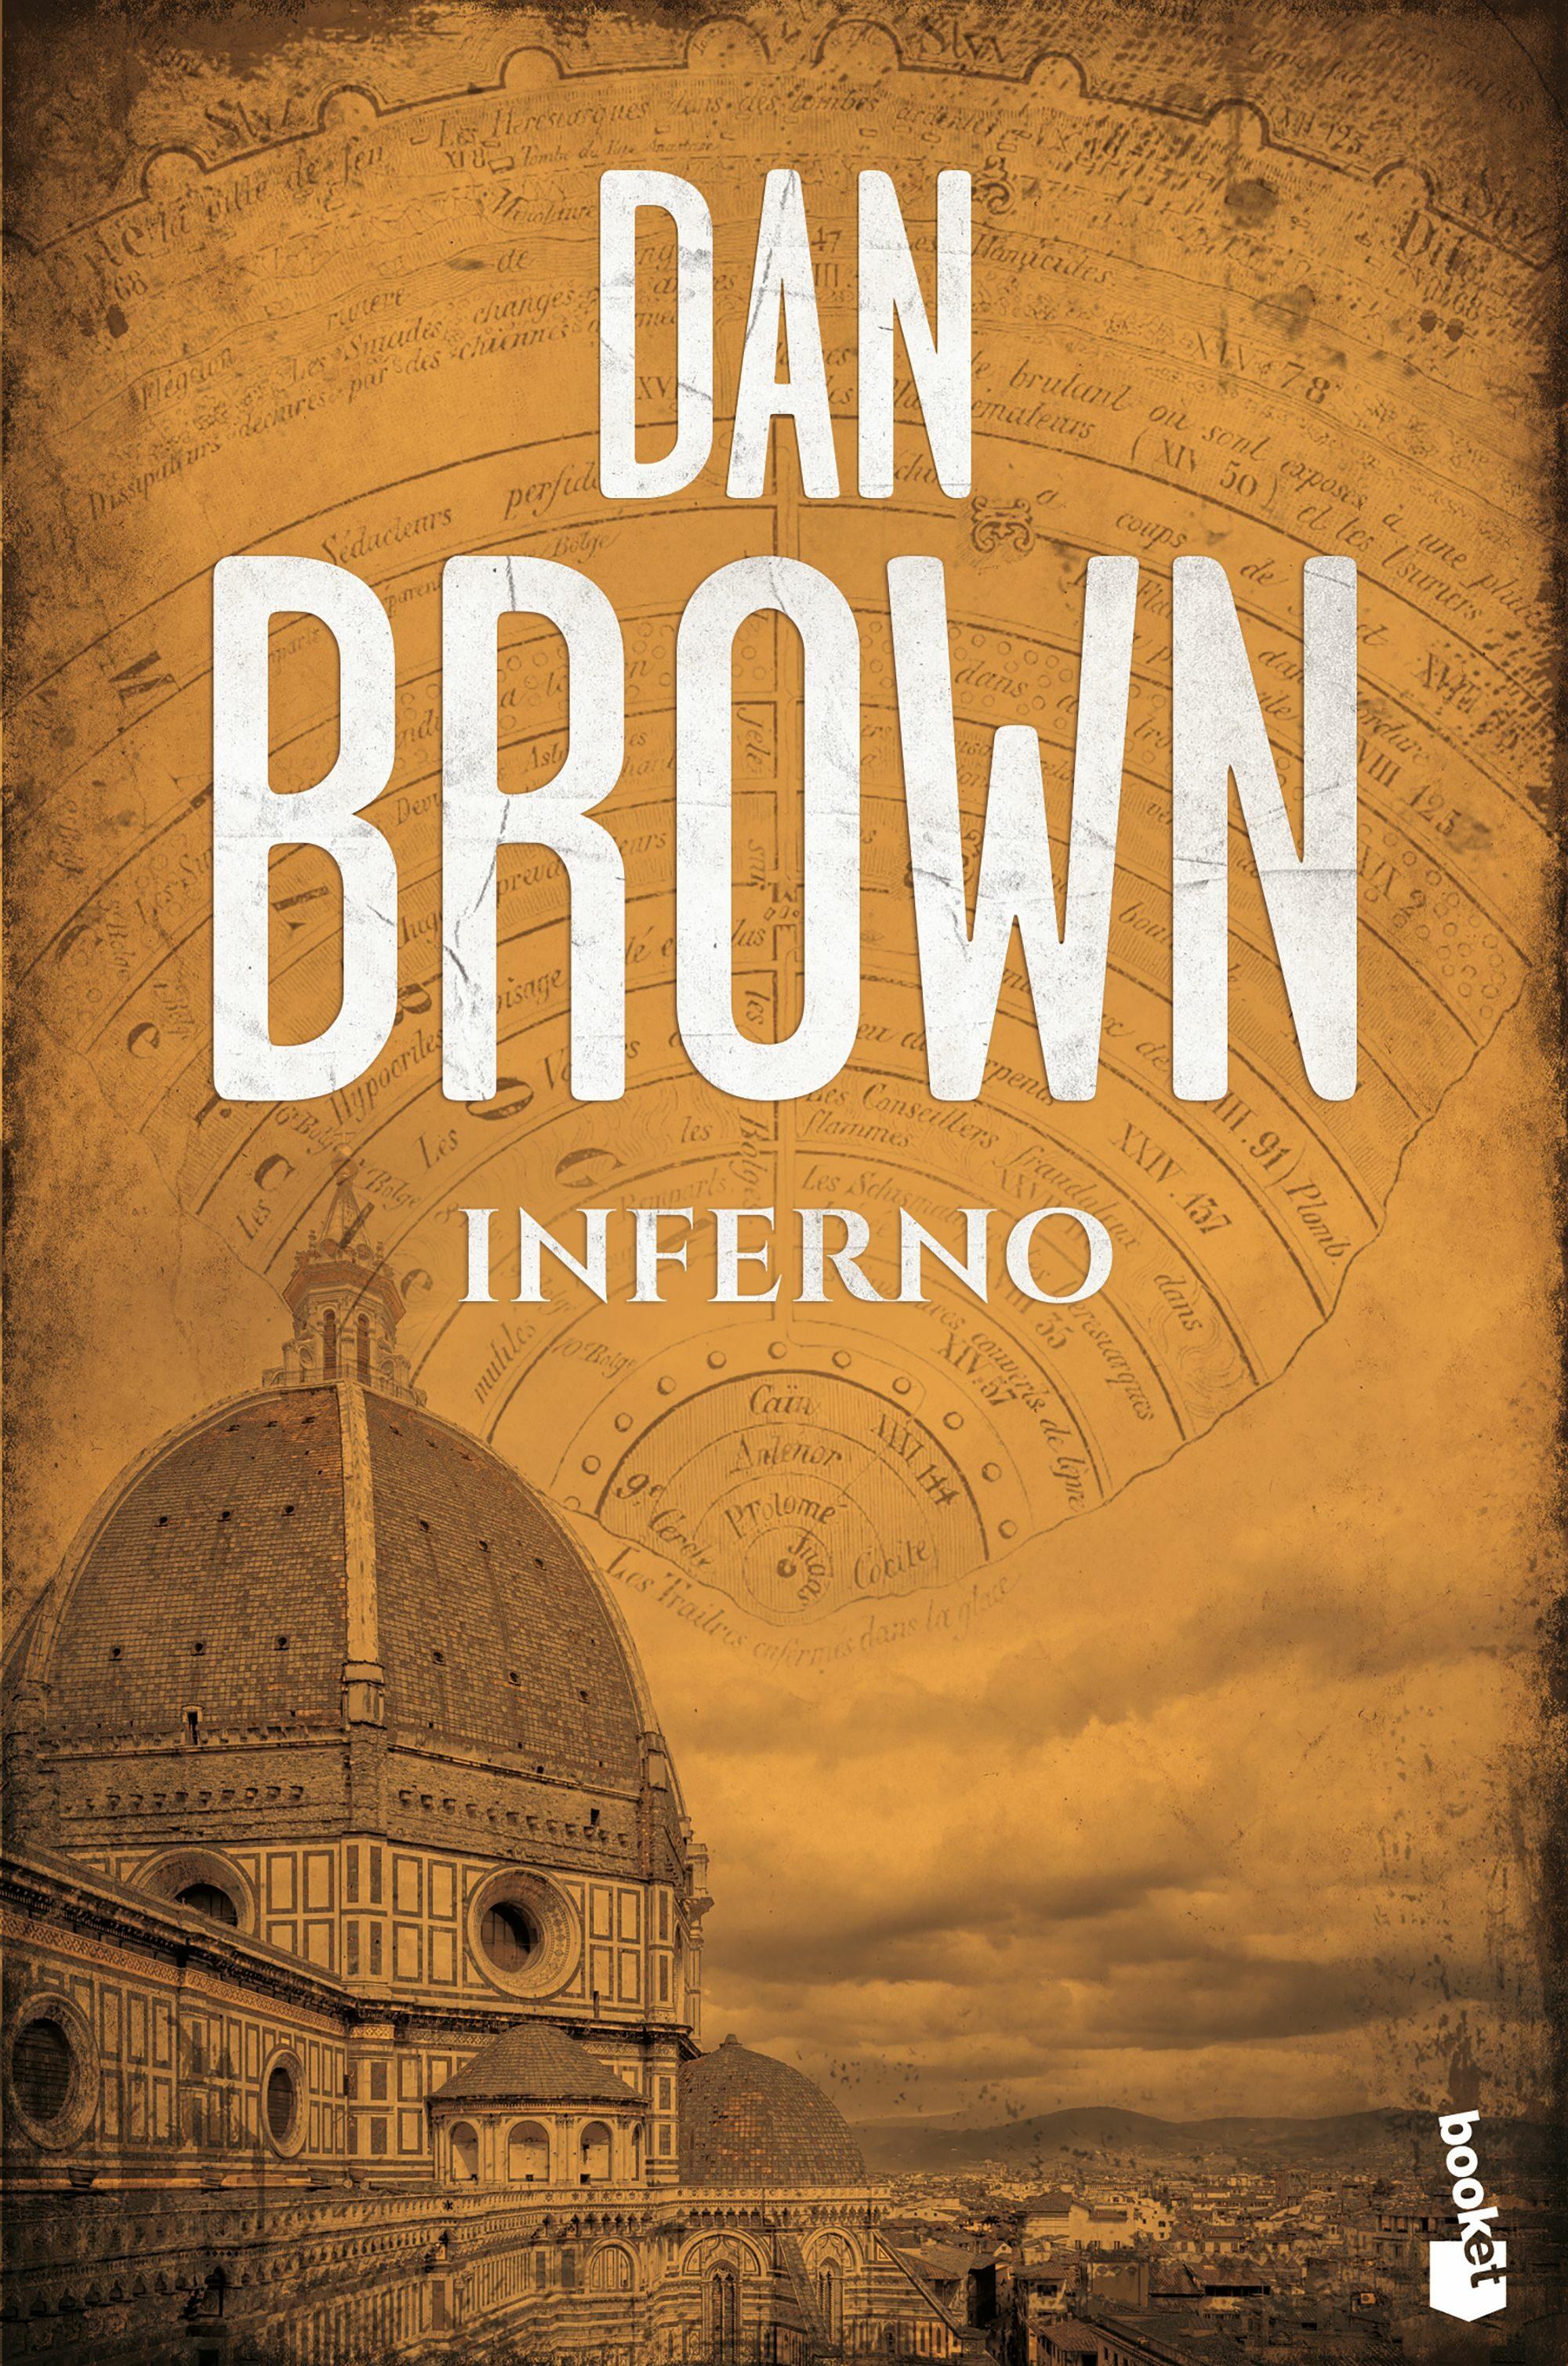 inferno-dan brown-9788408175735